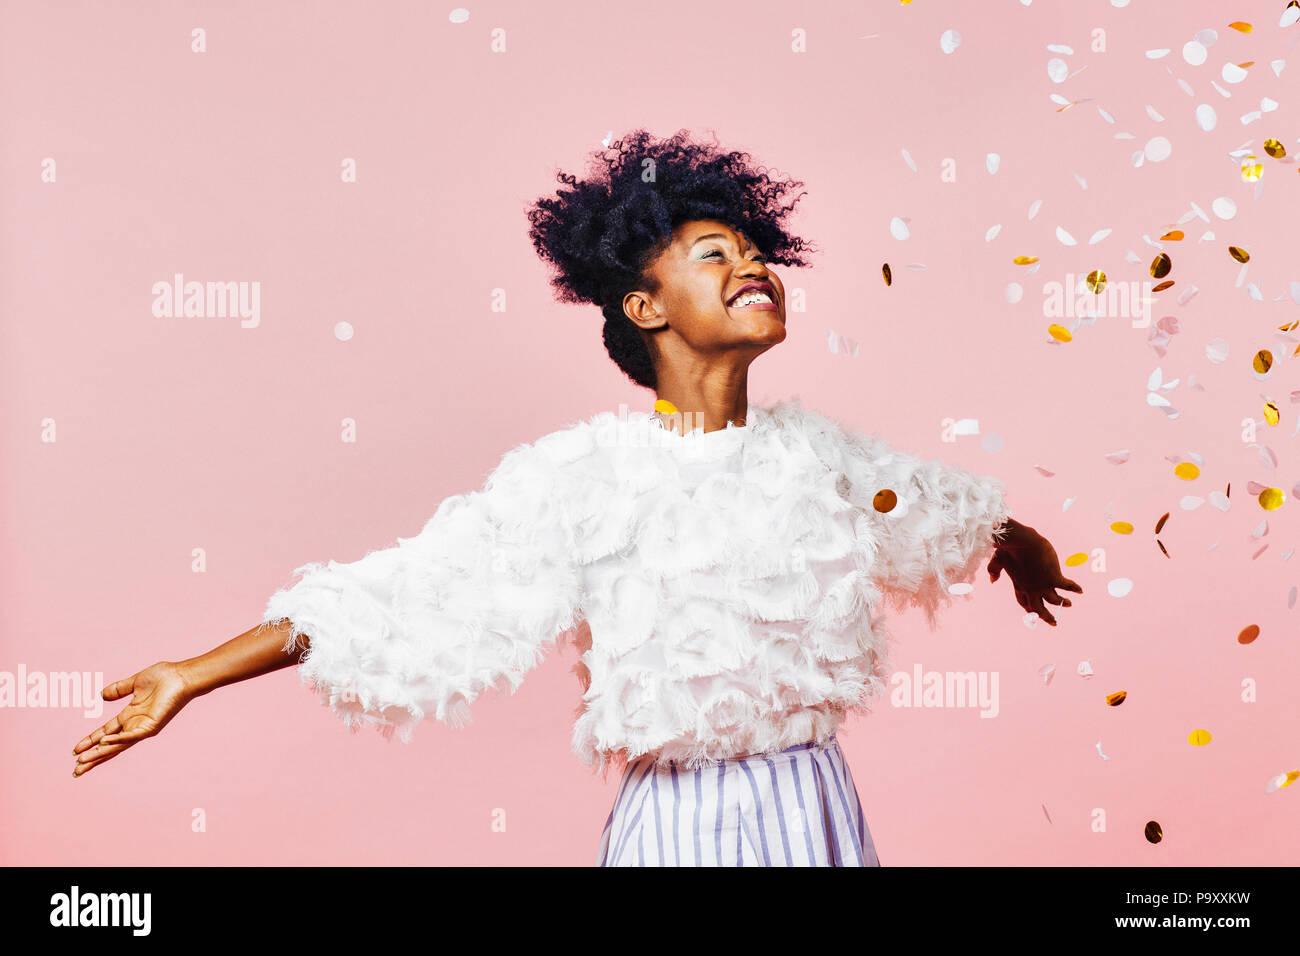 Un momento mágico - Retrato de una chica muy alegre con los brazos, sonriendo confeti cayendo Imagen De Stock